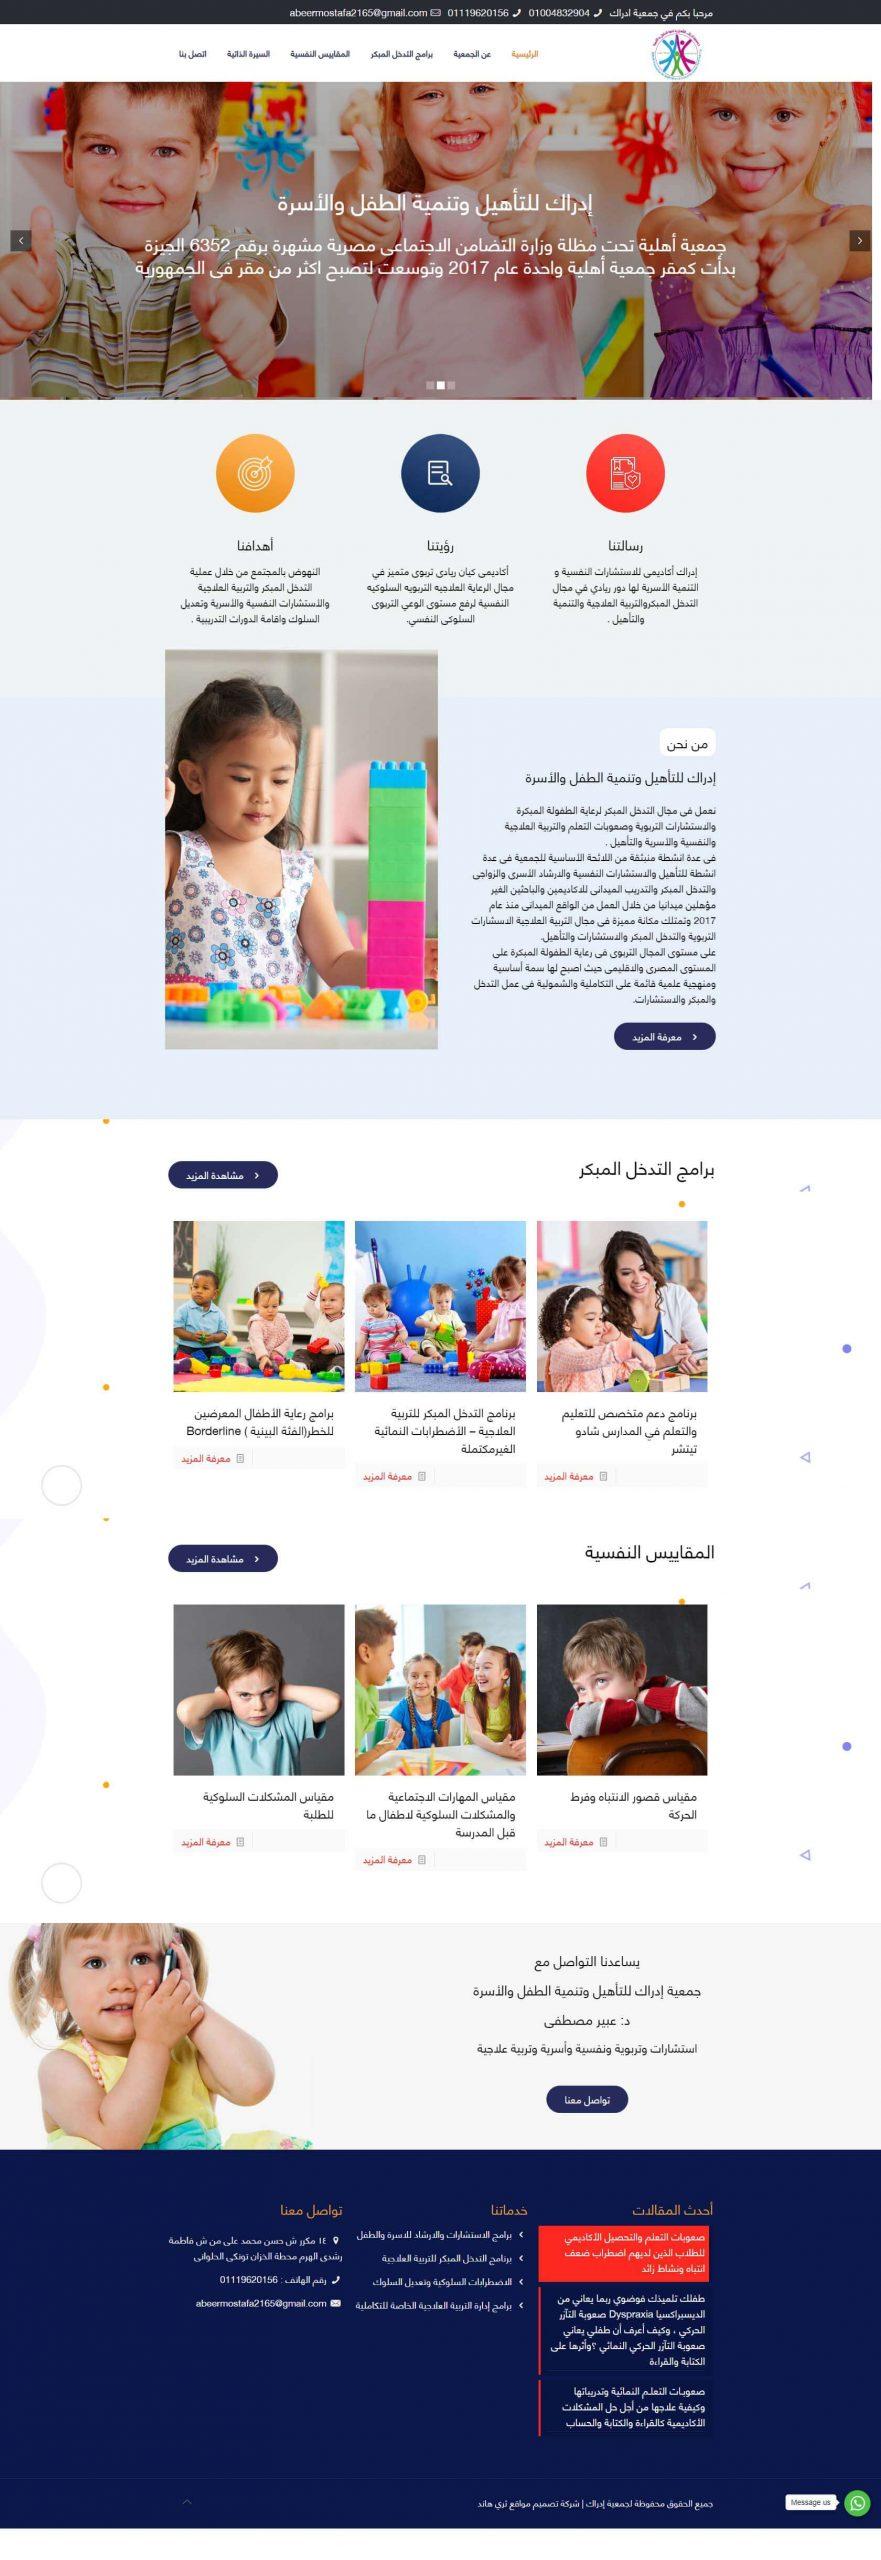 جمعية-إدراك-–-للتأهيل-وتنمية-الطفل-والأسرة-scaled